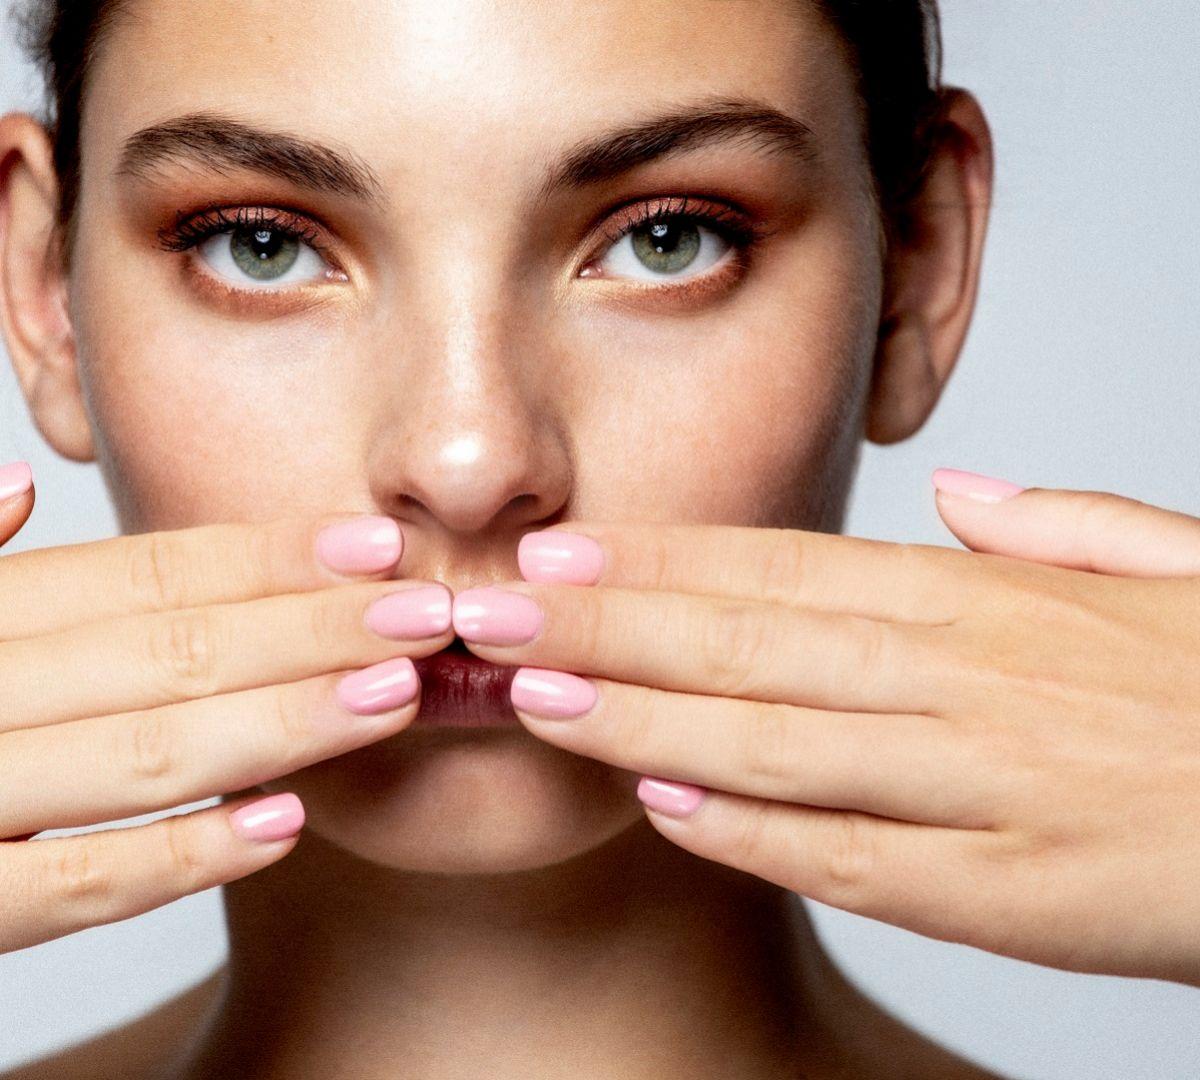 Si tienes tendencia al acné, extrema la limpieza diaria de la piel para prevenir.